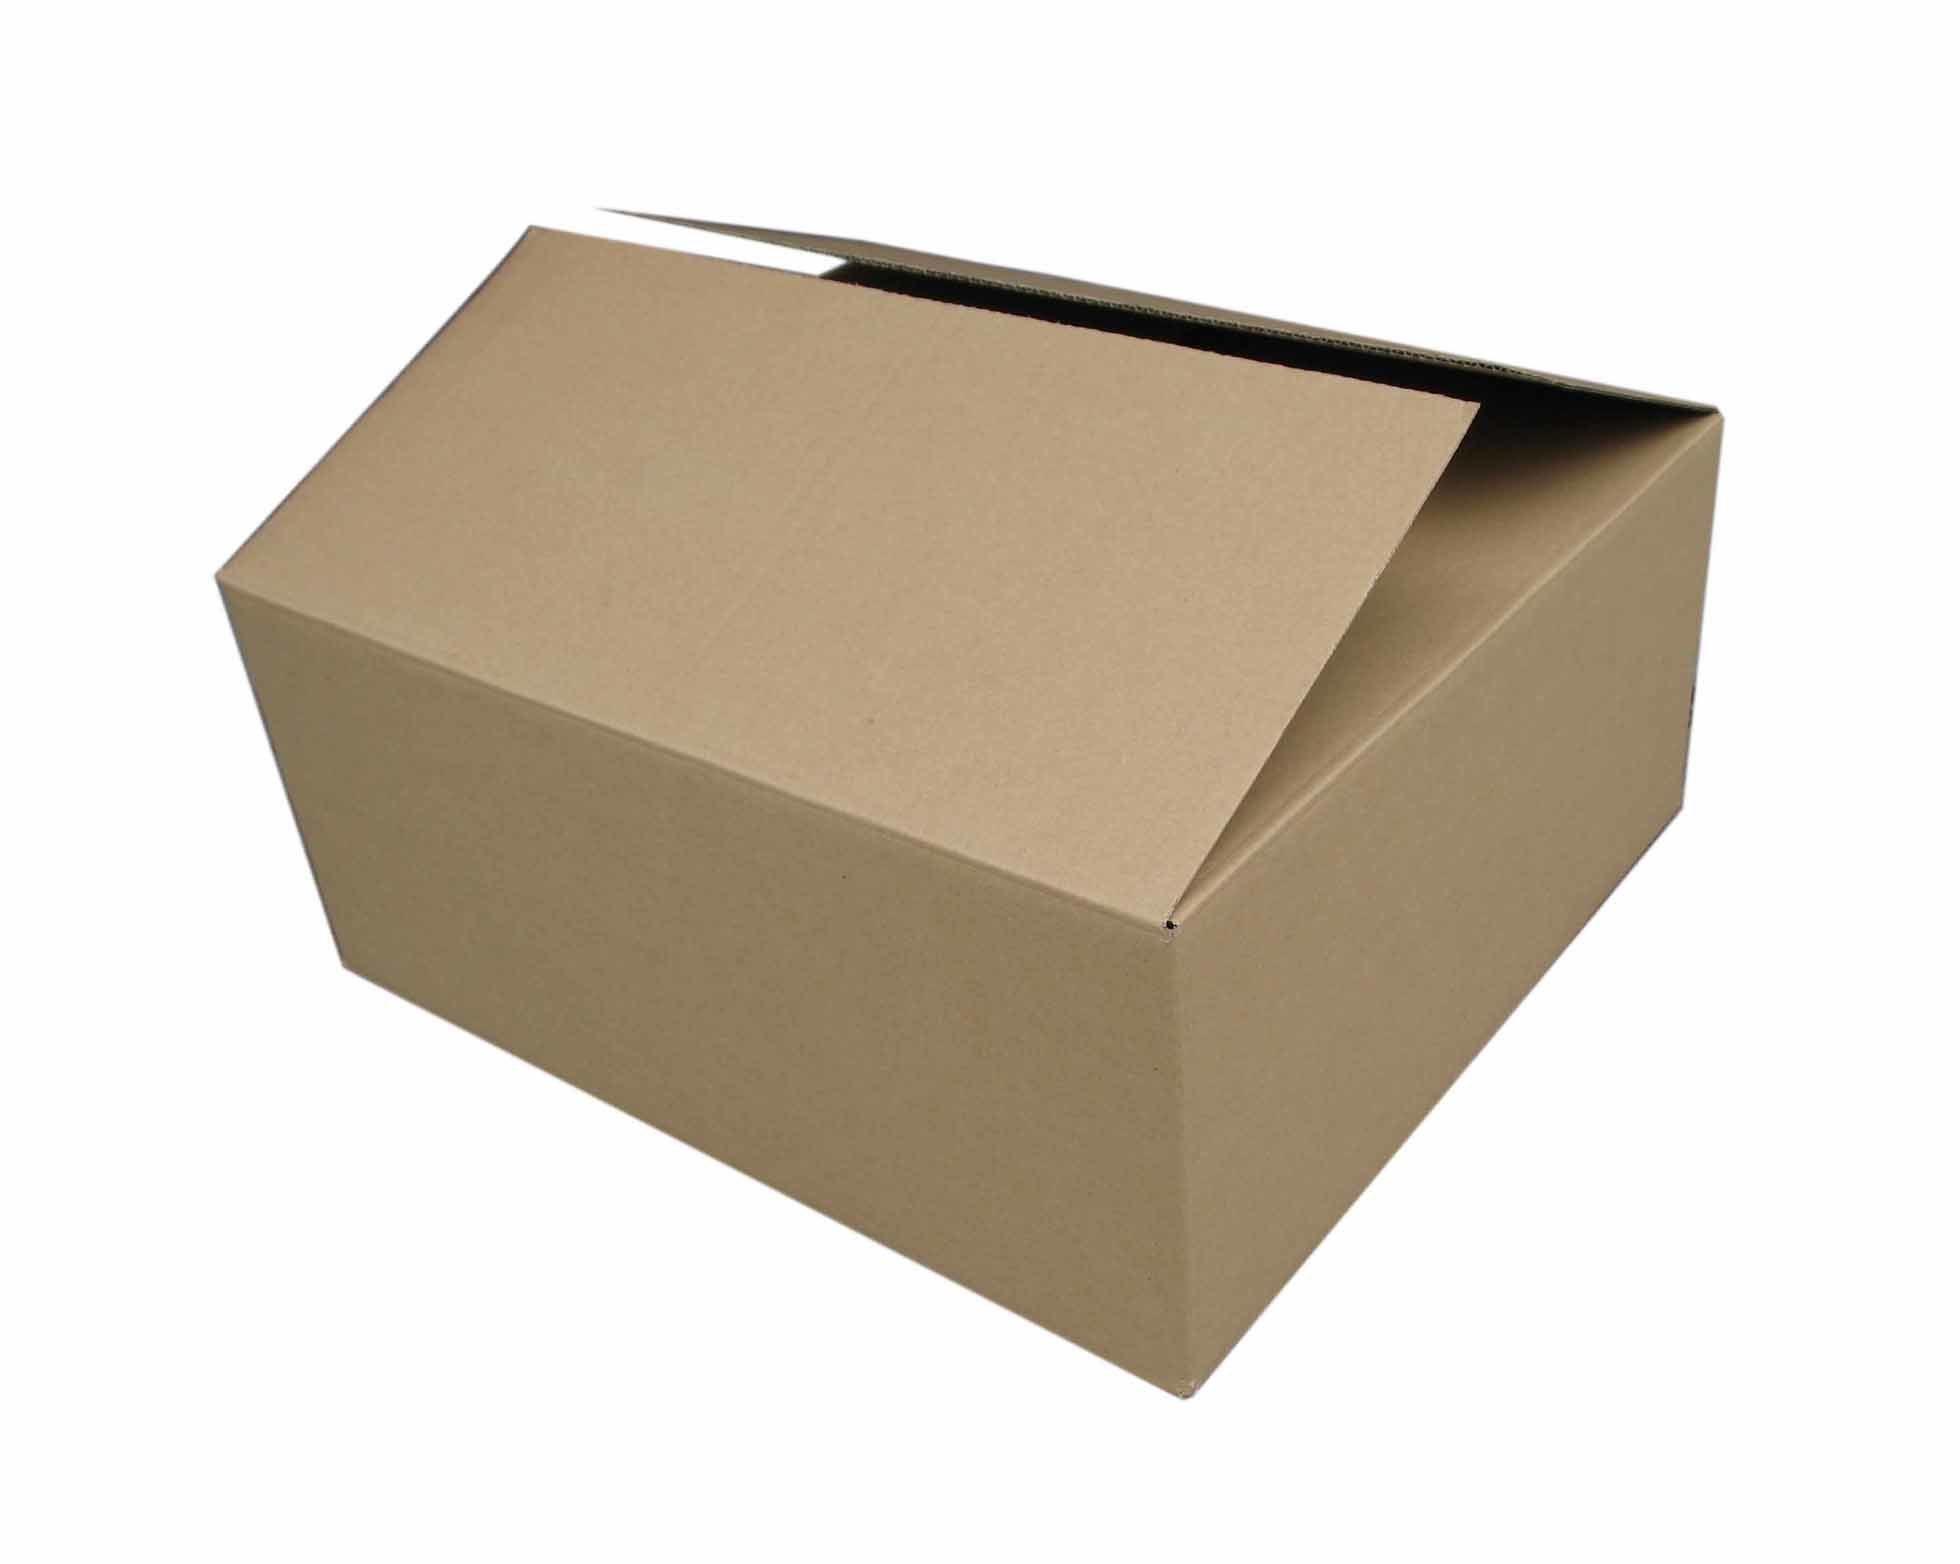 carton box 1 carton box 1 open carton co ltd. Black Bedroom Furniture Sets. Home Design Ideas